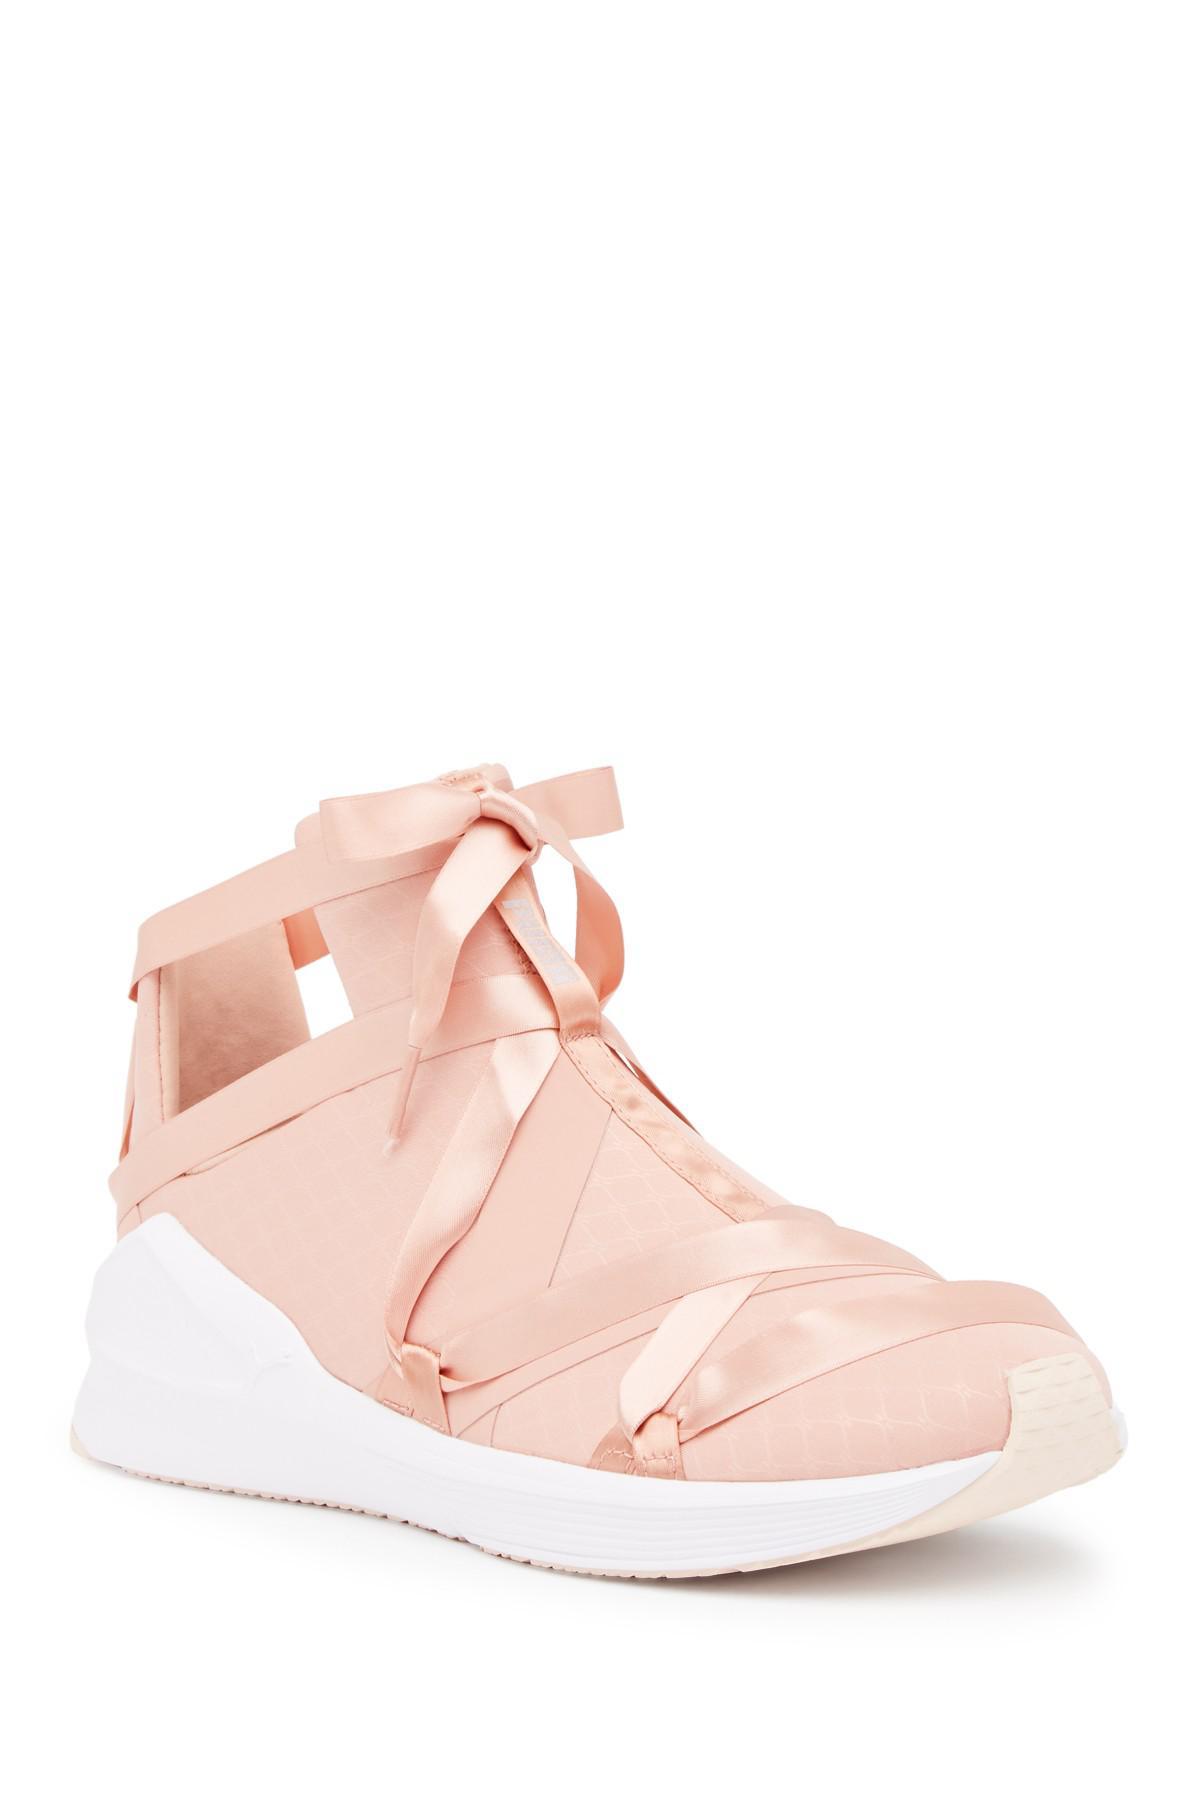 Lyst - PUMA Fierce Rope Satin Ep Sneaker in Pink 697178e4a